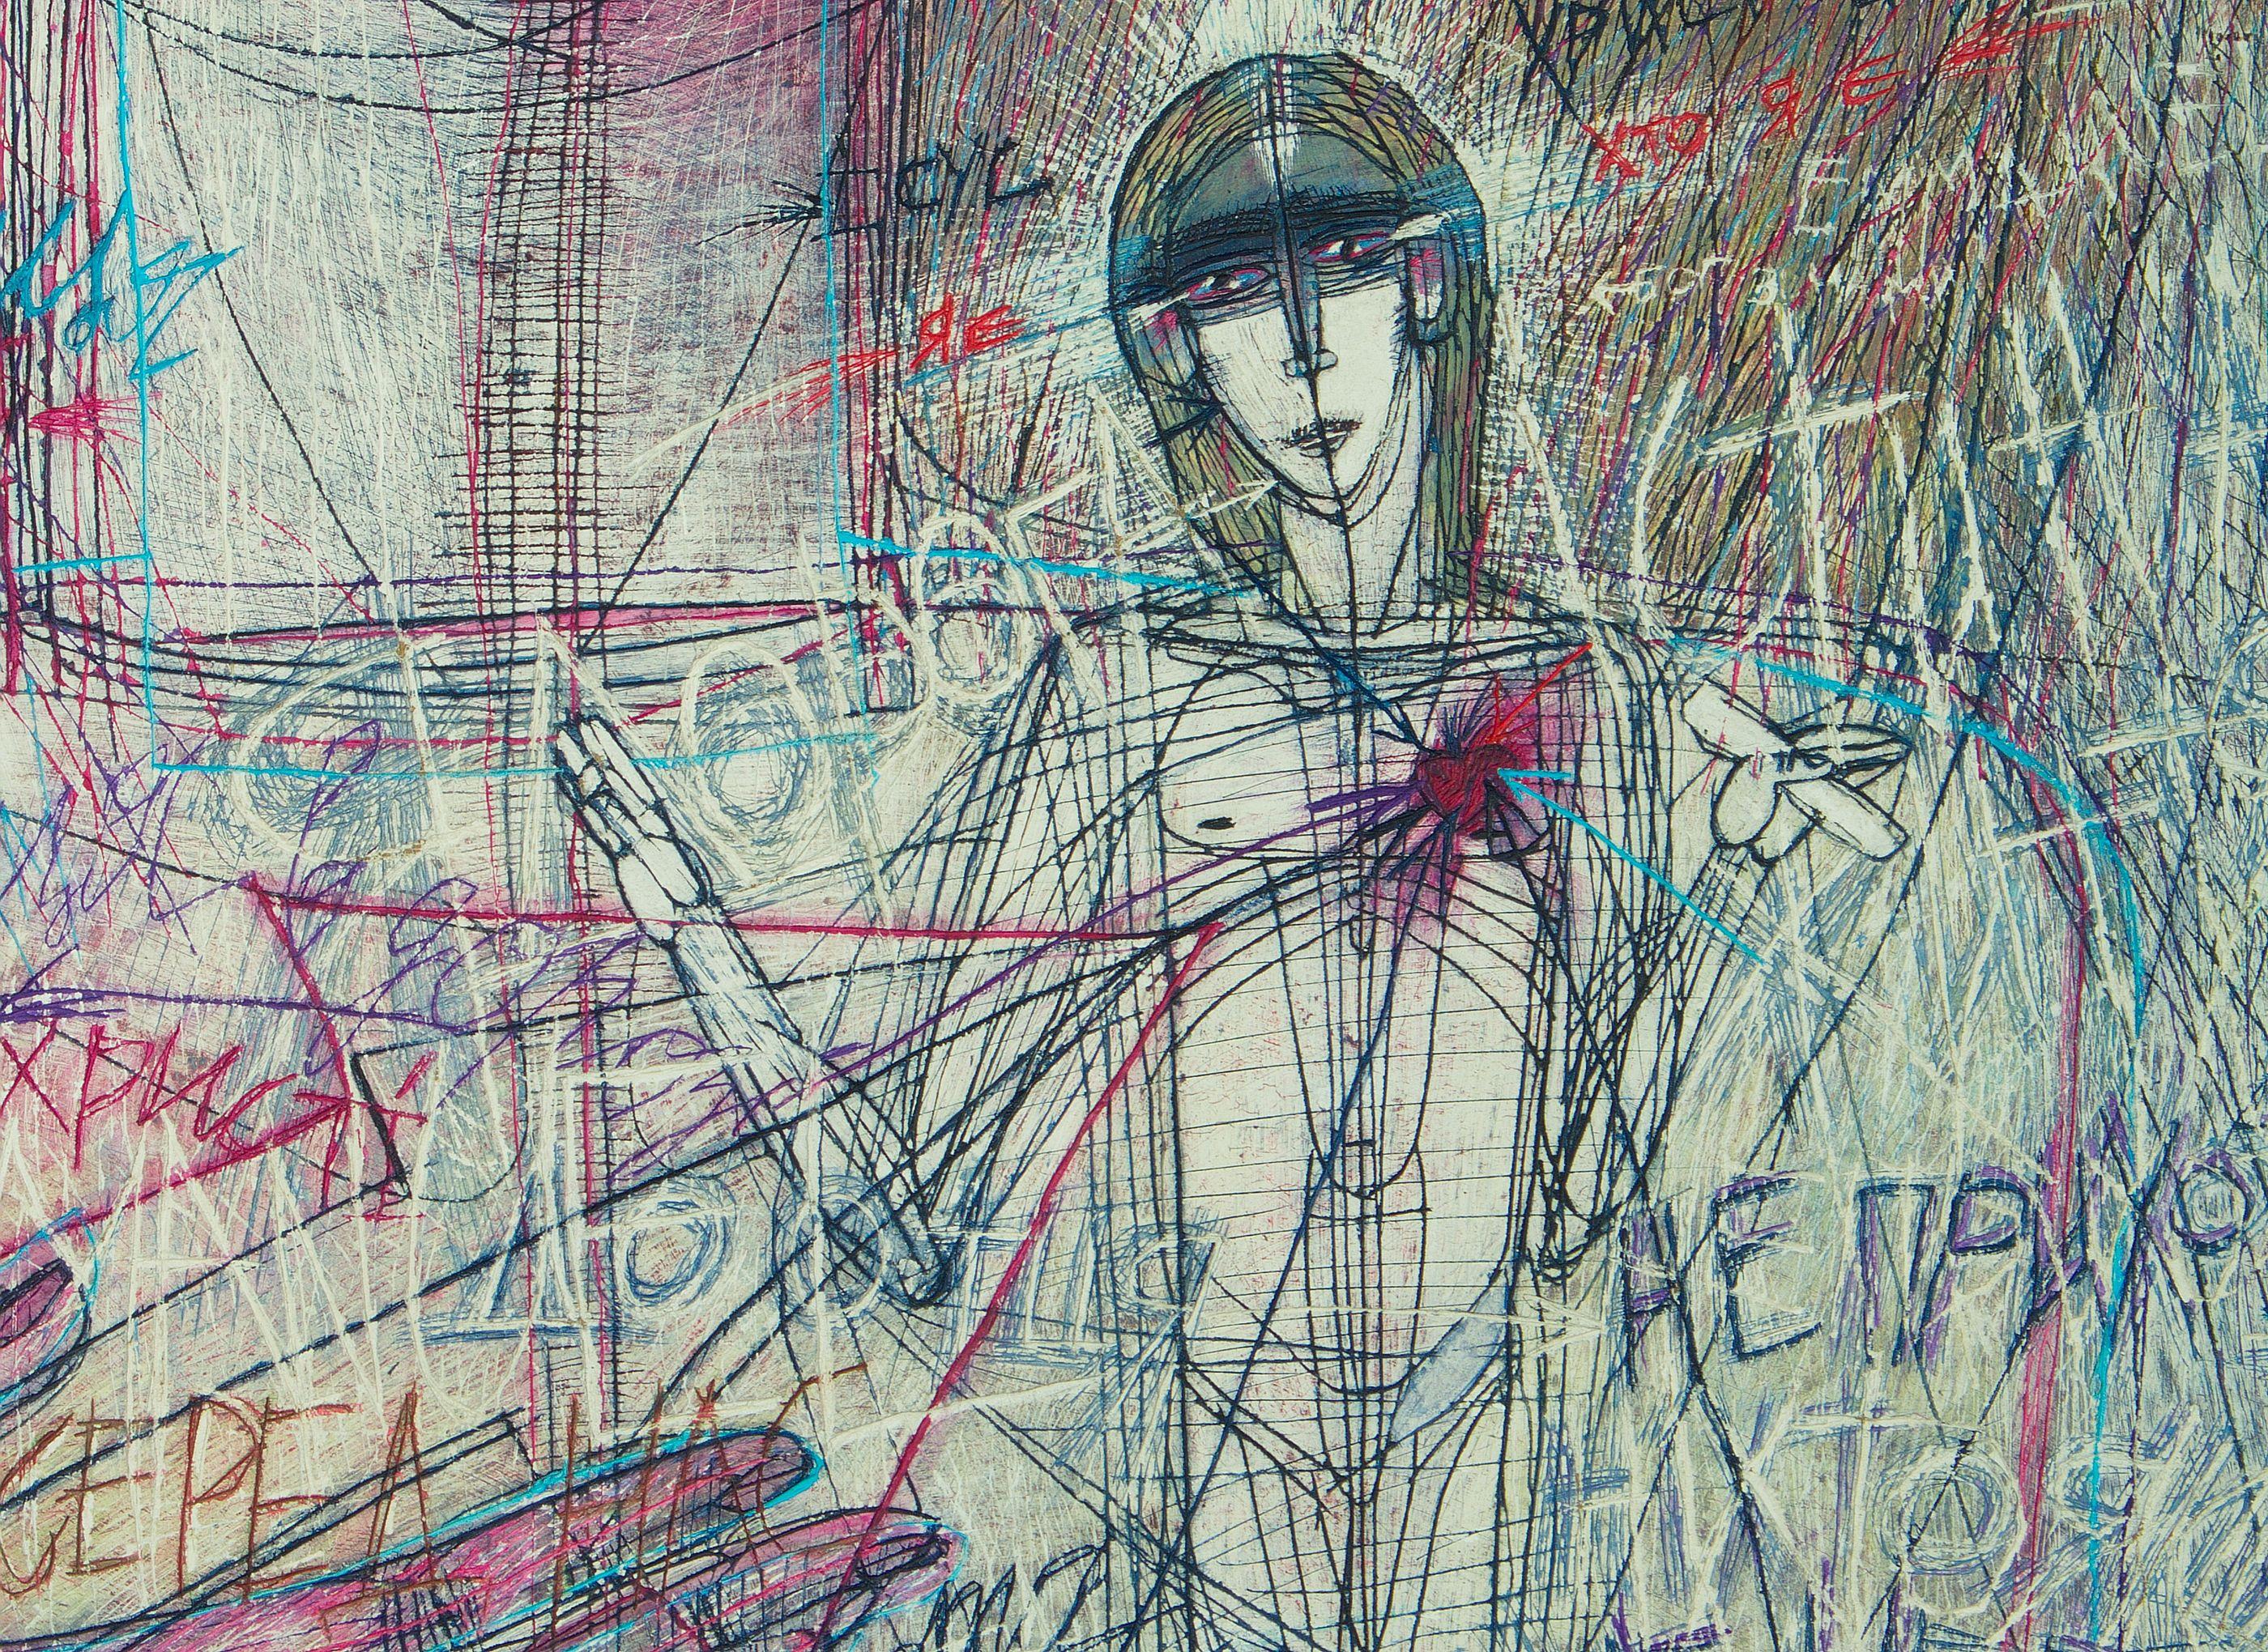 Олена Смага. Фрагмент. Я - Дорога, 2015; дерев'яна панель, левкас, акрил, 93х65